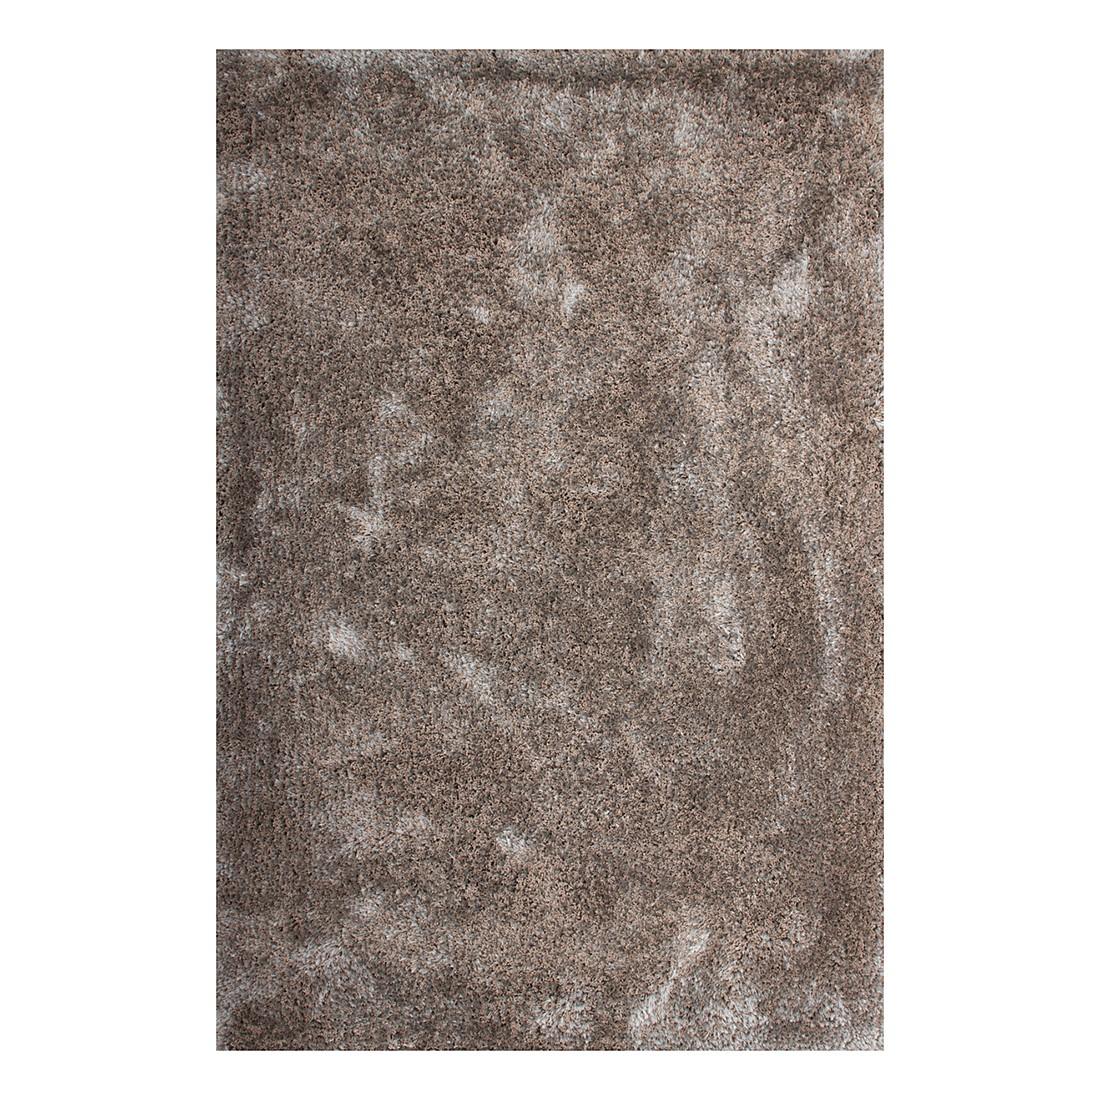 teppich monaco silber 140 x 200 cm kayoom jetzt kaufen. Black Bedroom Furniture Sets. Home Design Ideas